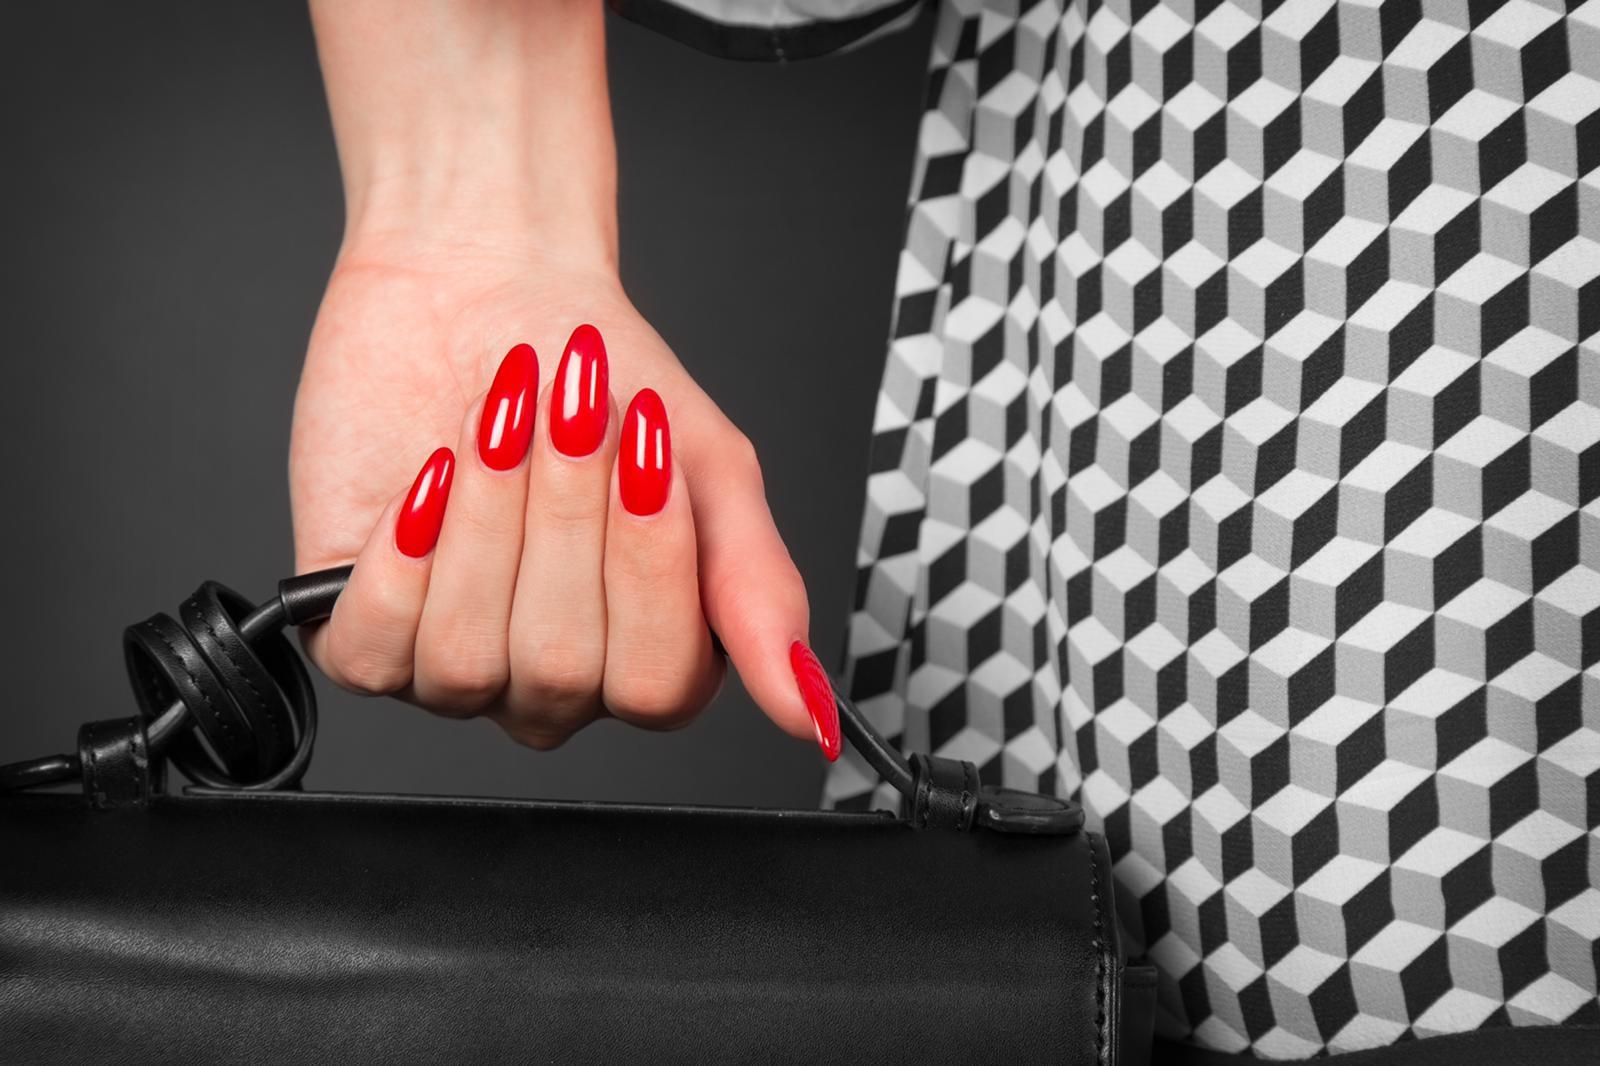 Rosso che passione @Unghierosse